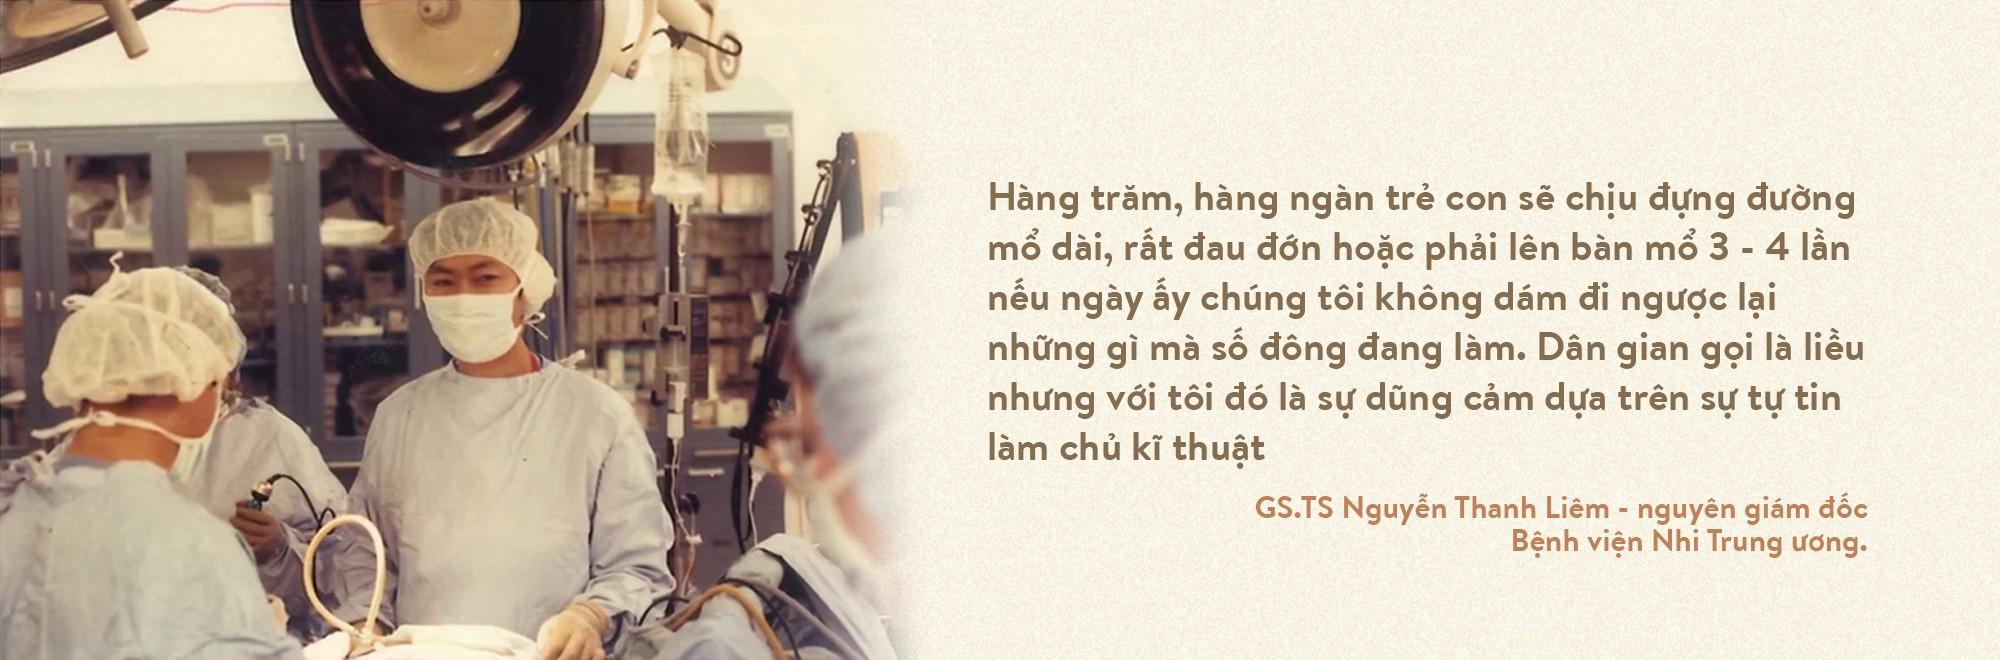 Mổ nội soi - hành trình Việt Nam vươn lên hàng đầu khu vực - Ảnh 13.